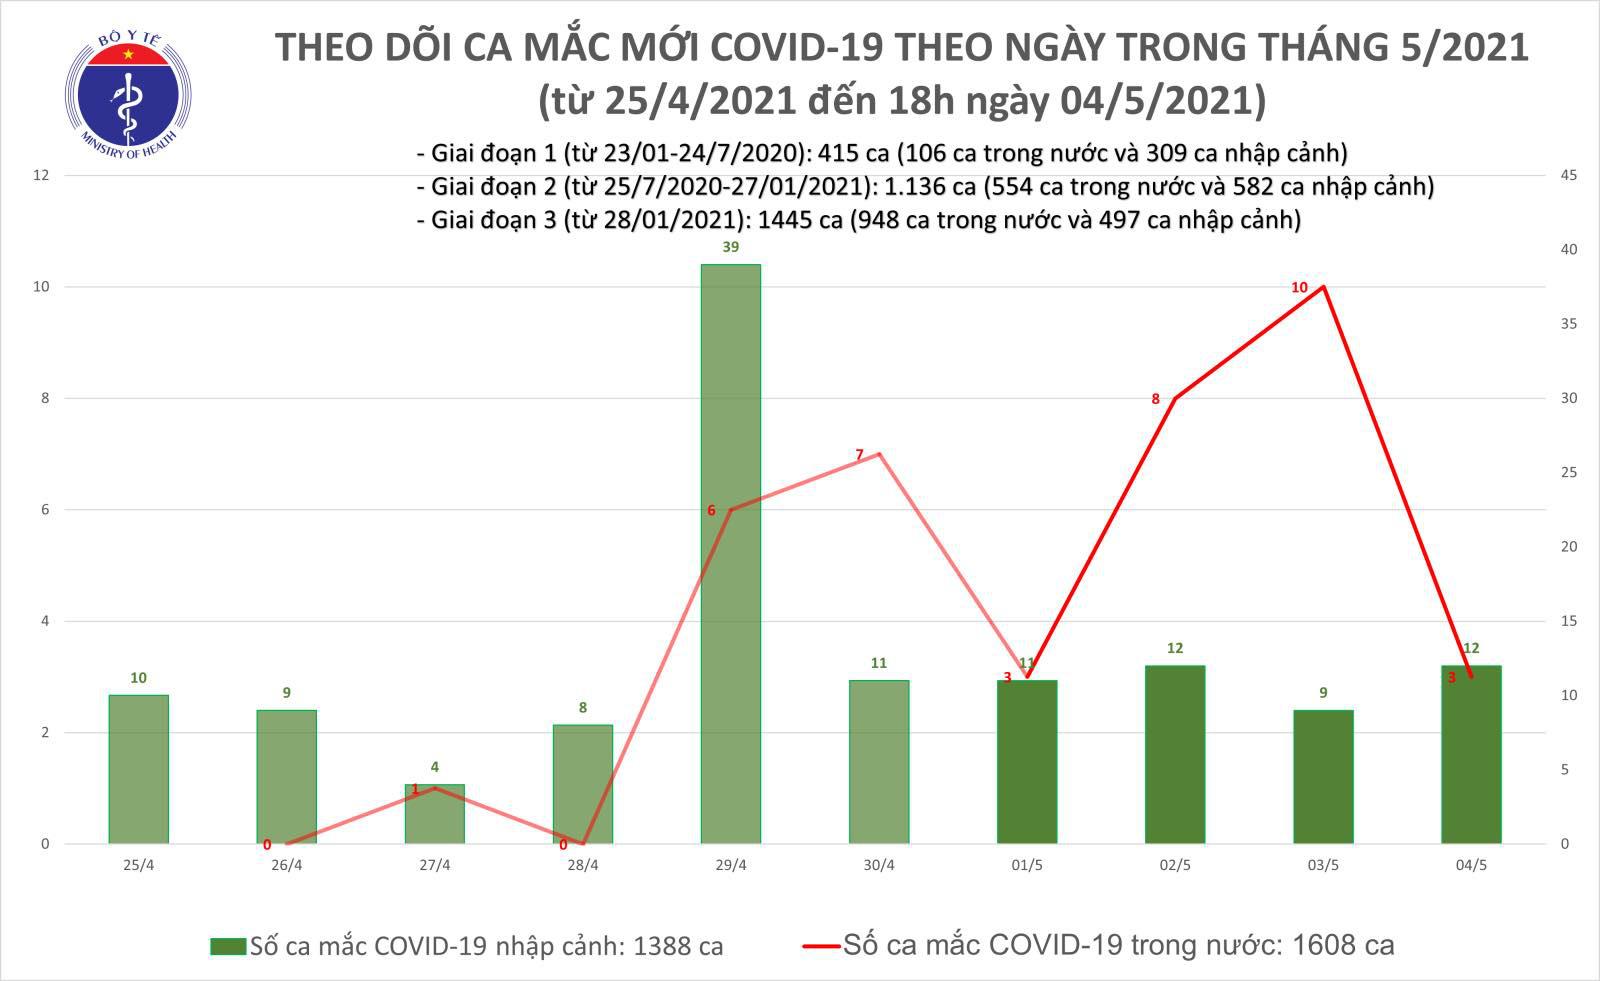 Chiều 4/5 có thêm 11 ca Covid-19, trong đó 1 ca lây nhiễm cộng đồng - Ảnh 1.